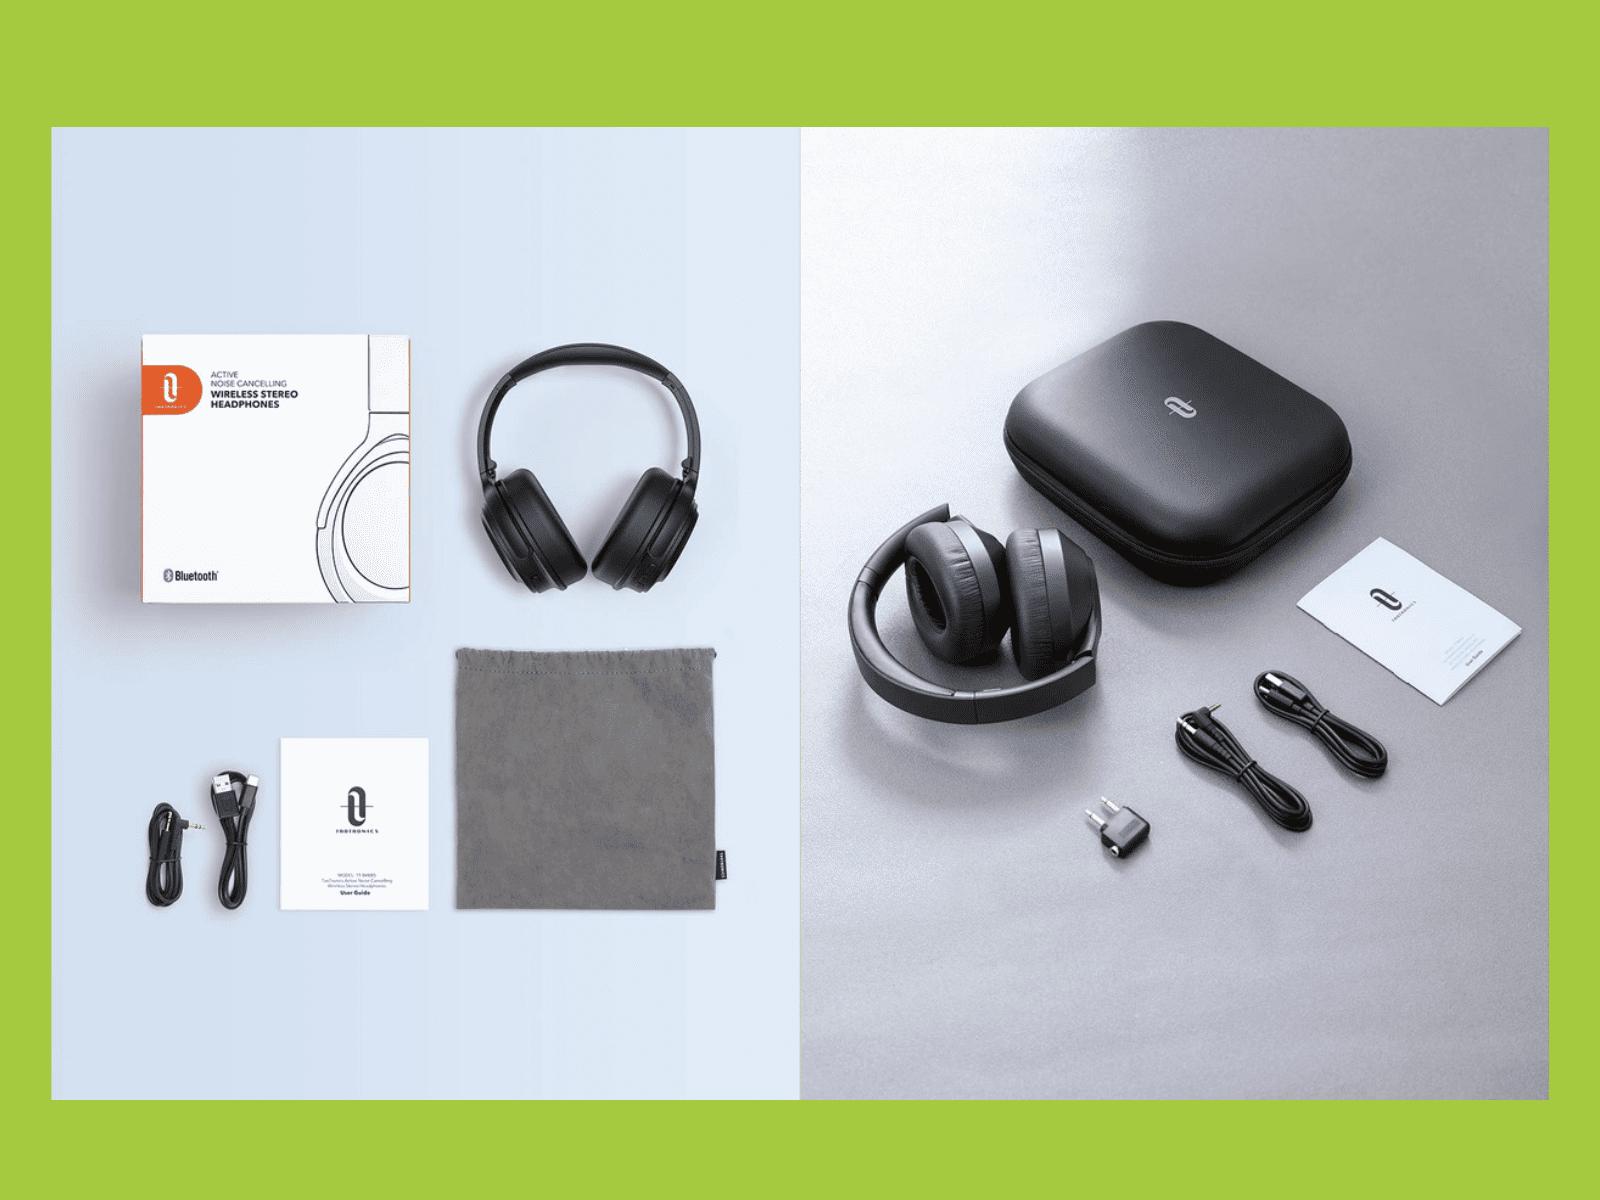 TaoTronics SoundSurge Headphones